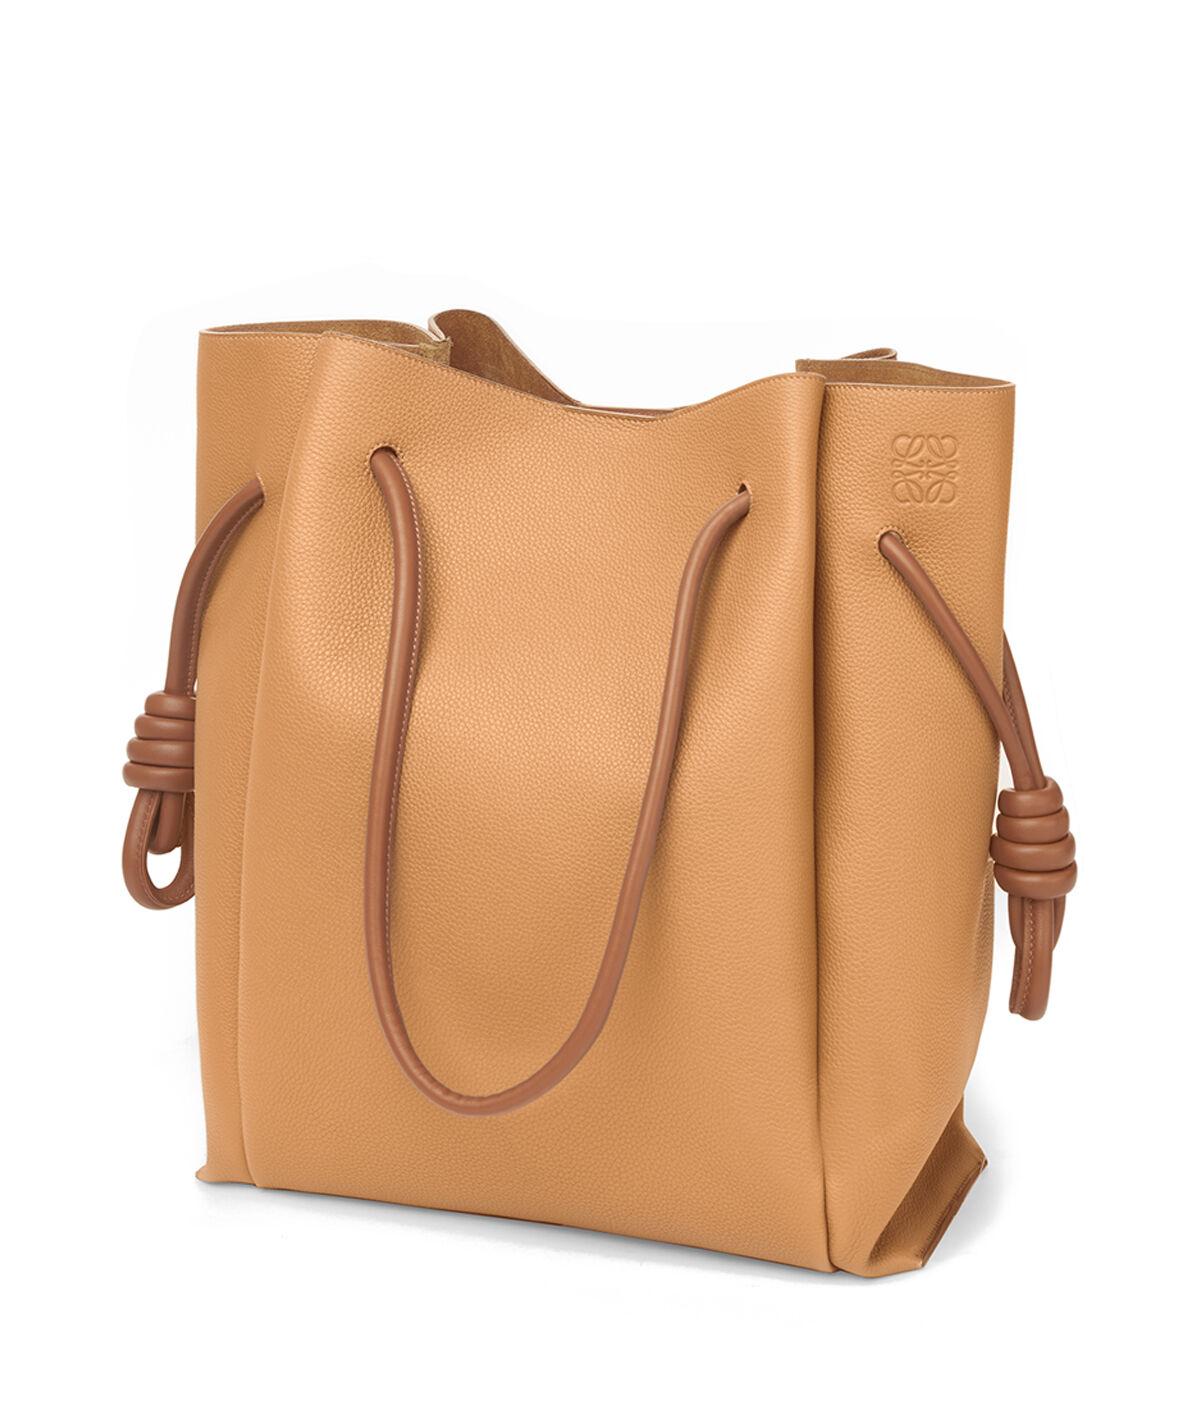 LOEWE Flamenco Knot Tote Bag Light Caramel/Tan all